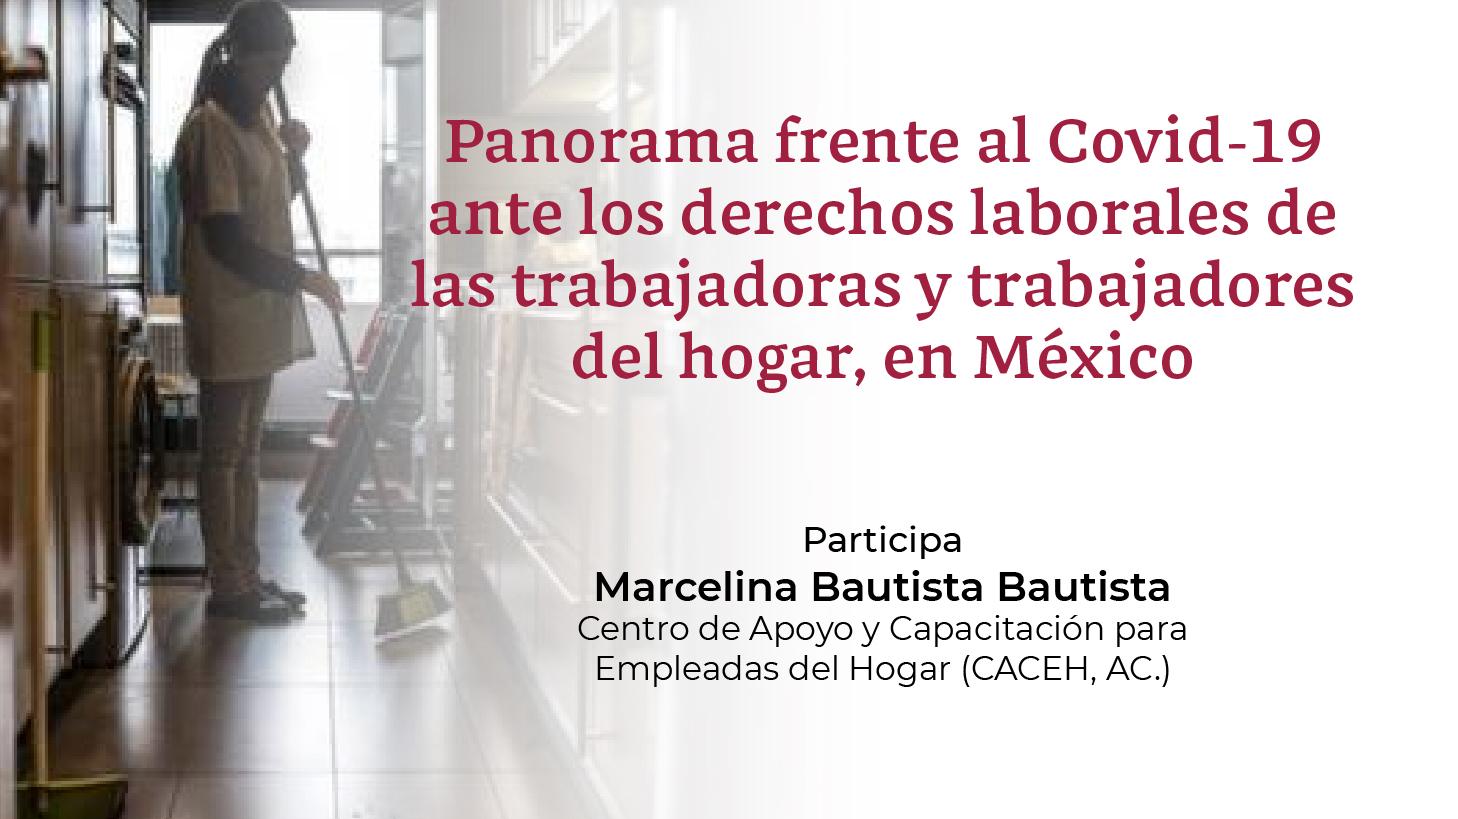 Mesa de Diálogo: Panorama frente al Covid-19 ante los derechos laborales de las trabajadoras y trabajadores del hogar en México.